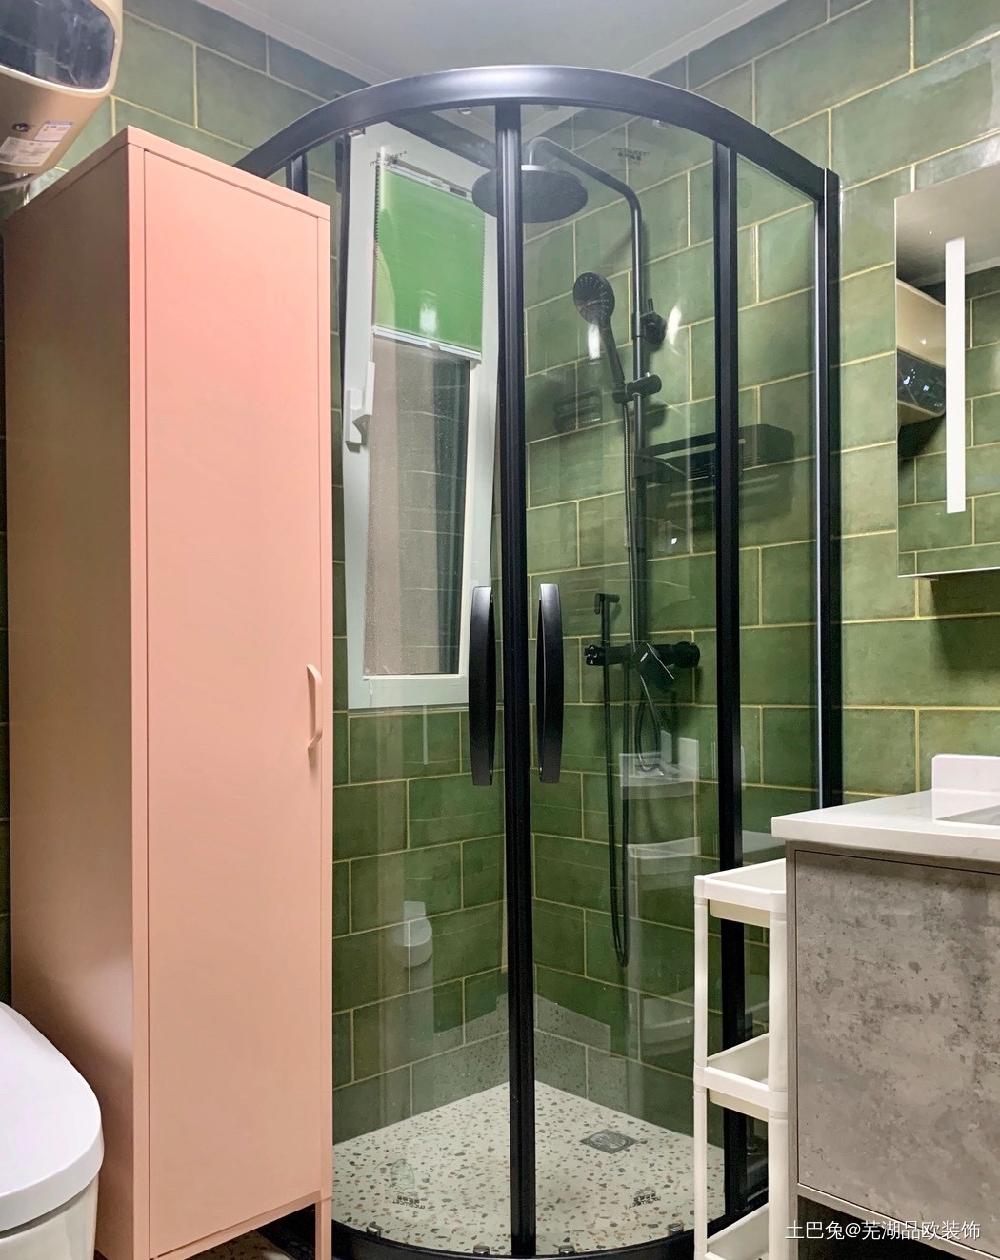 改门拆墙下空间也能原地放大卫生间洗漱台现代简约卫生间设计图片赏析